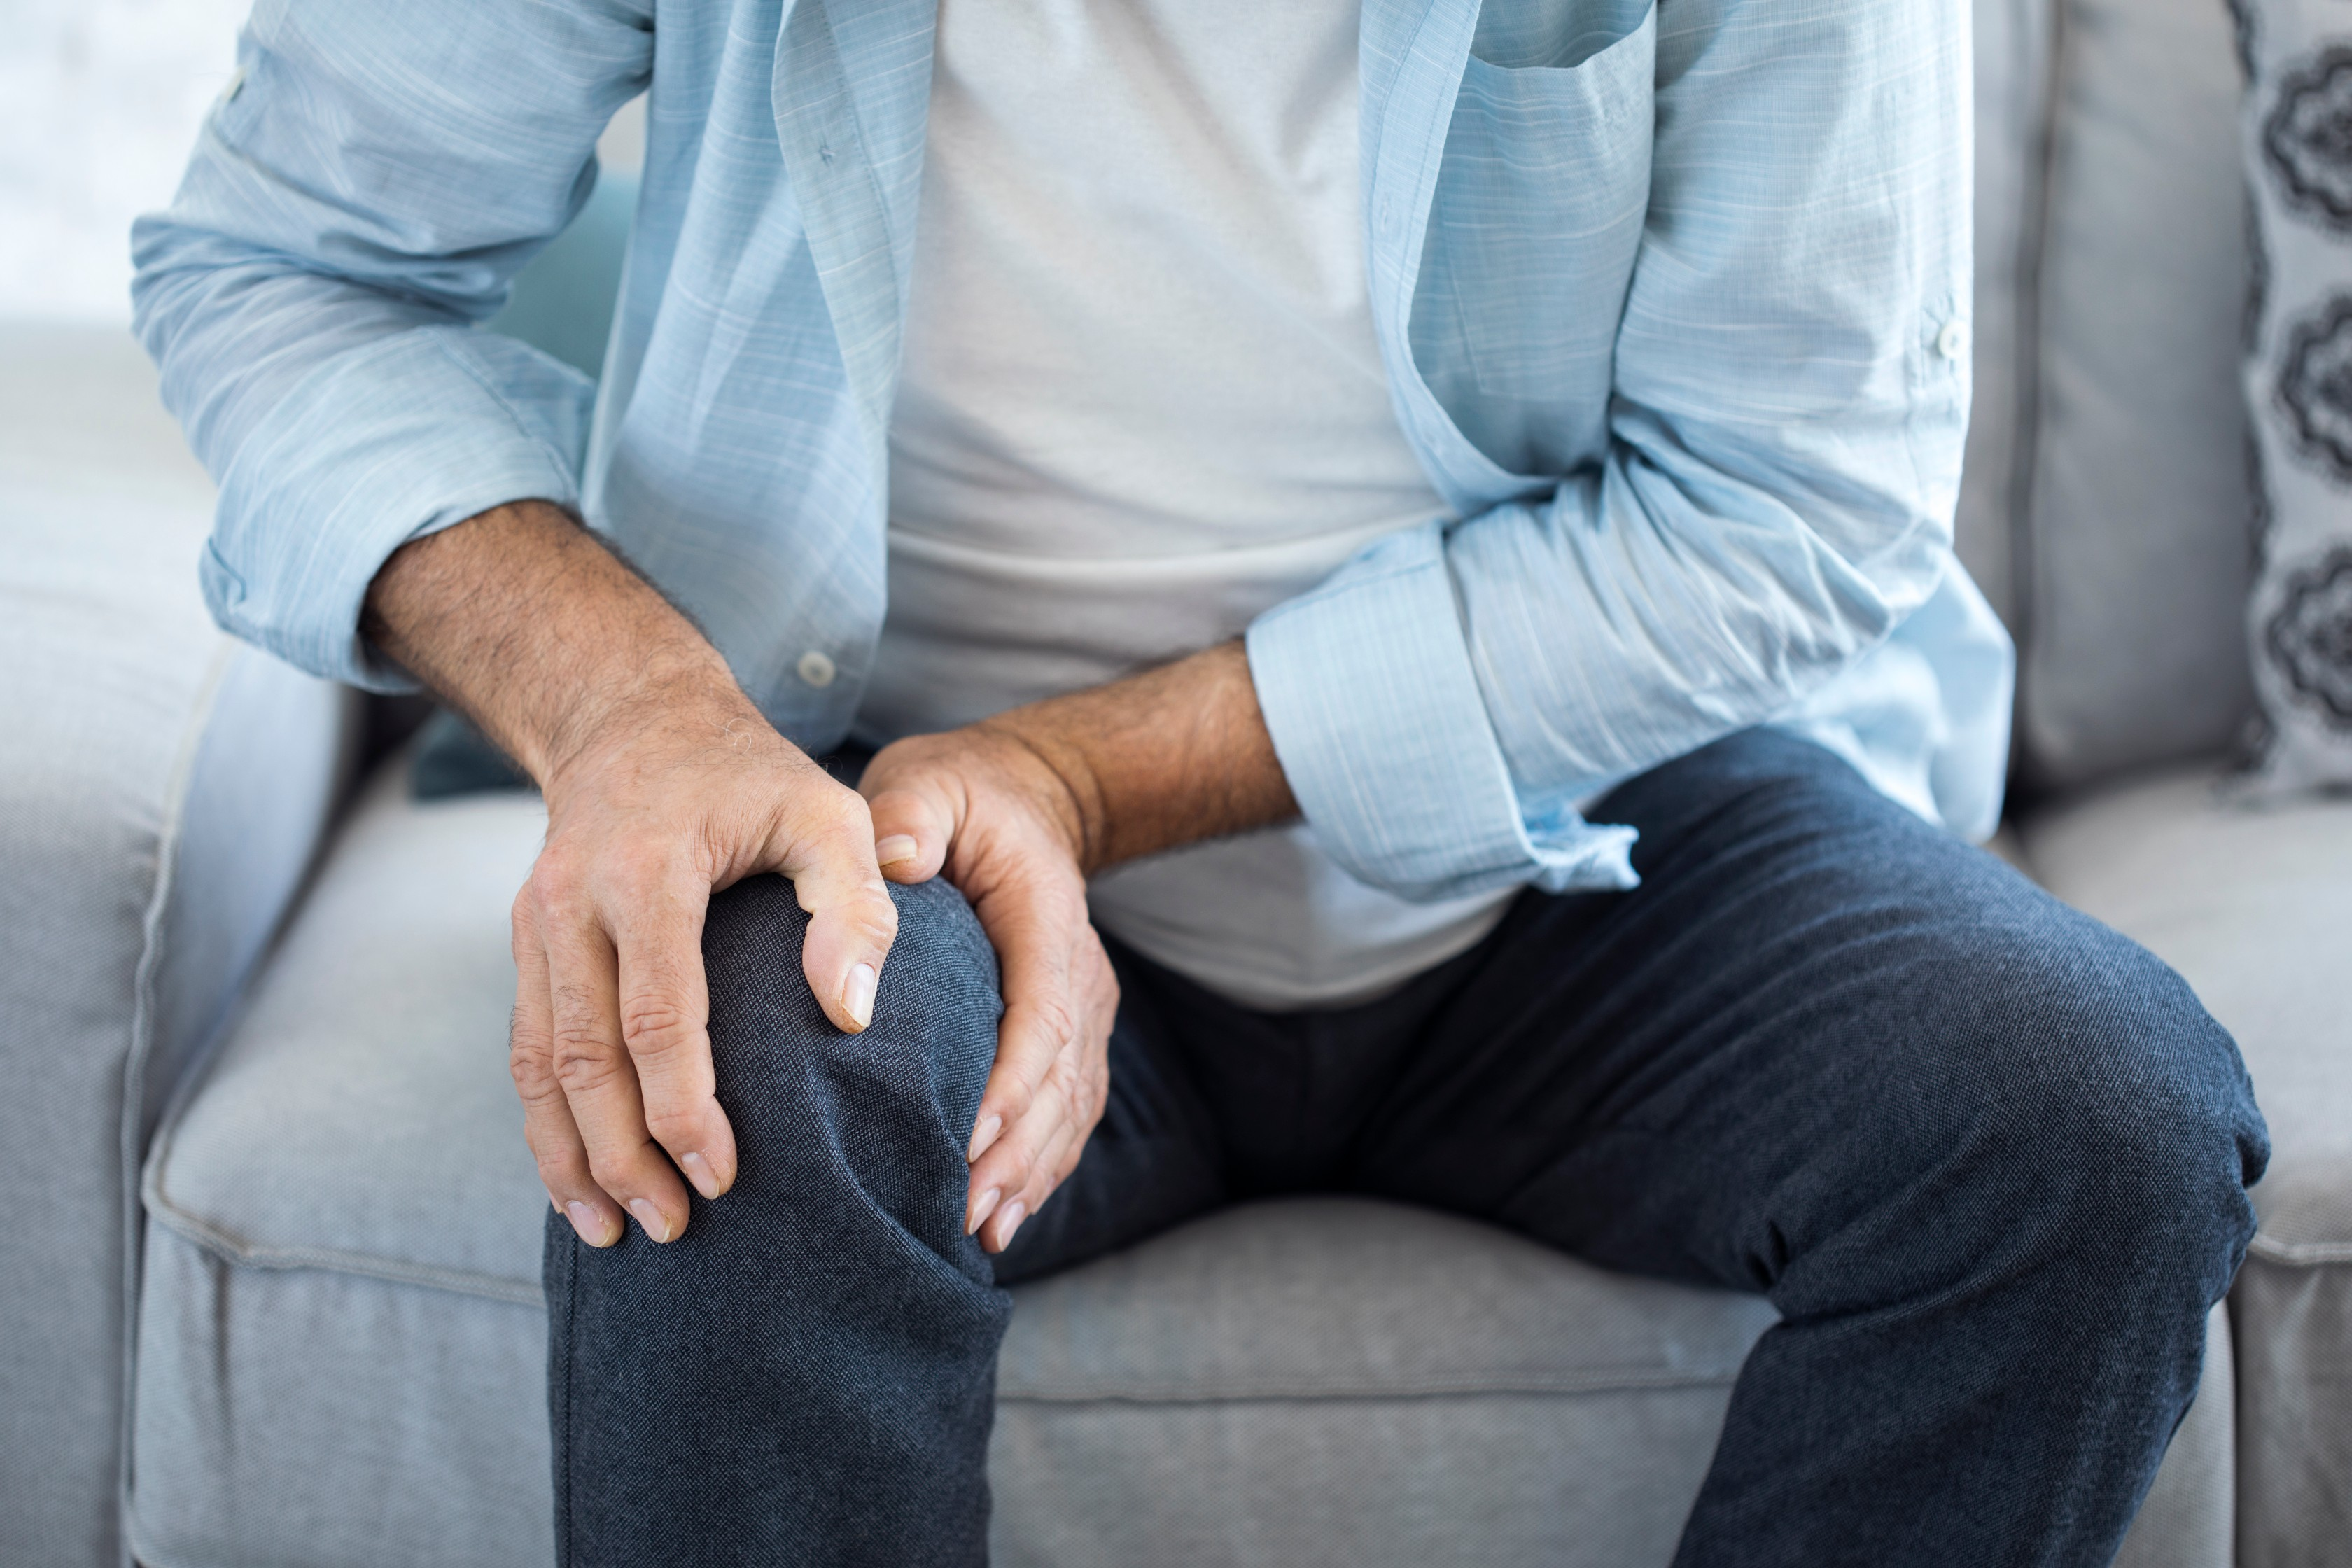 c vitamin izületi gyulladásra a boka futási sérülései